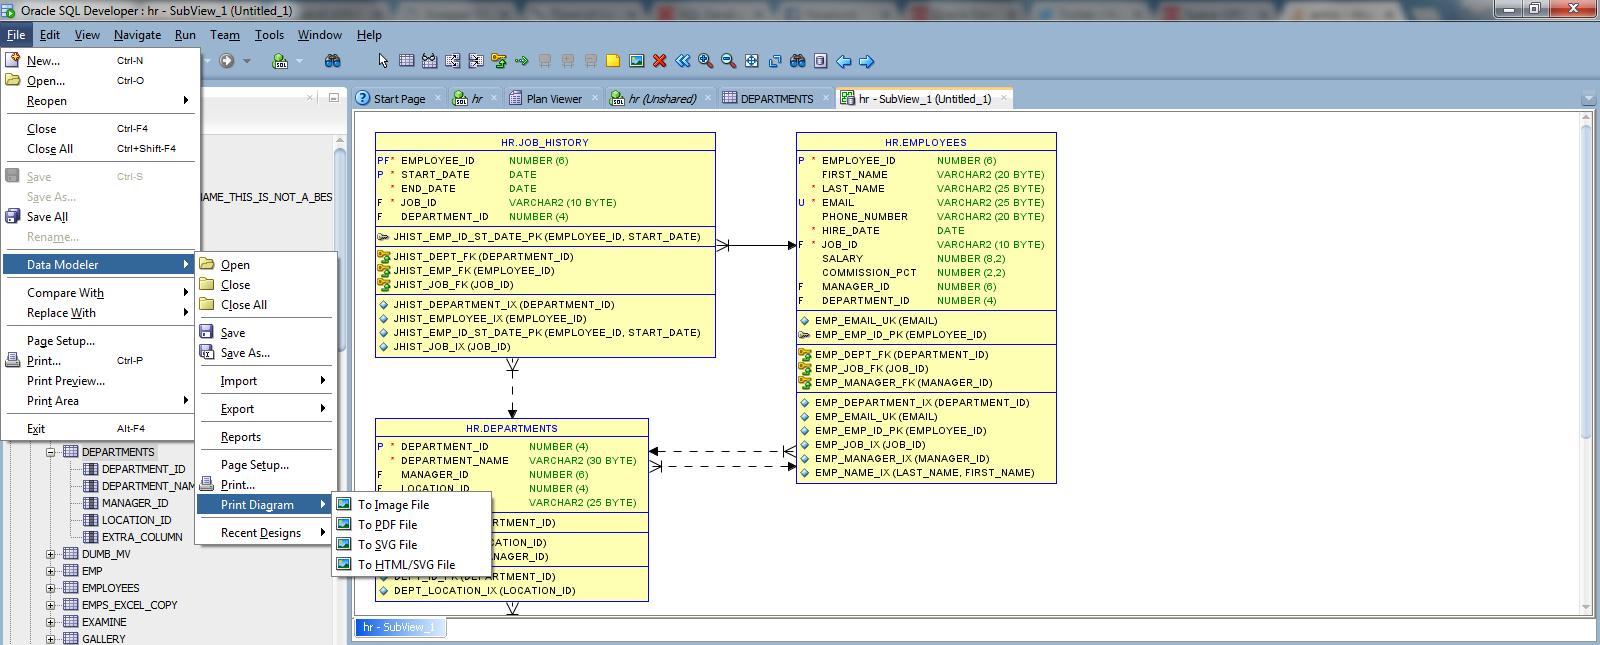 How To Export Erd Diagram To Image In Oracle Data Modeler in Generate Erd From Sql